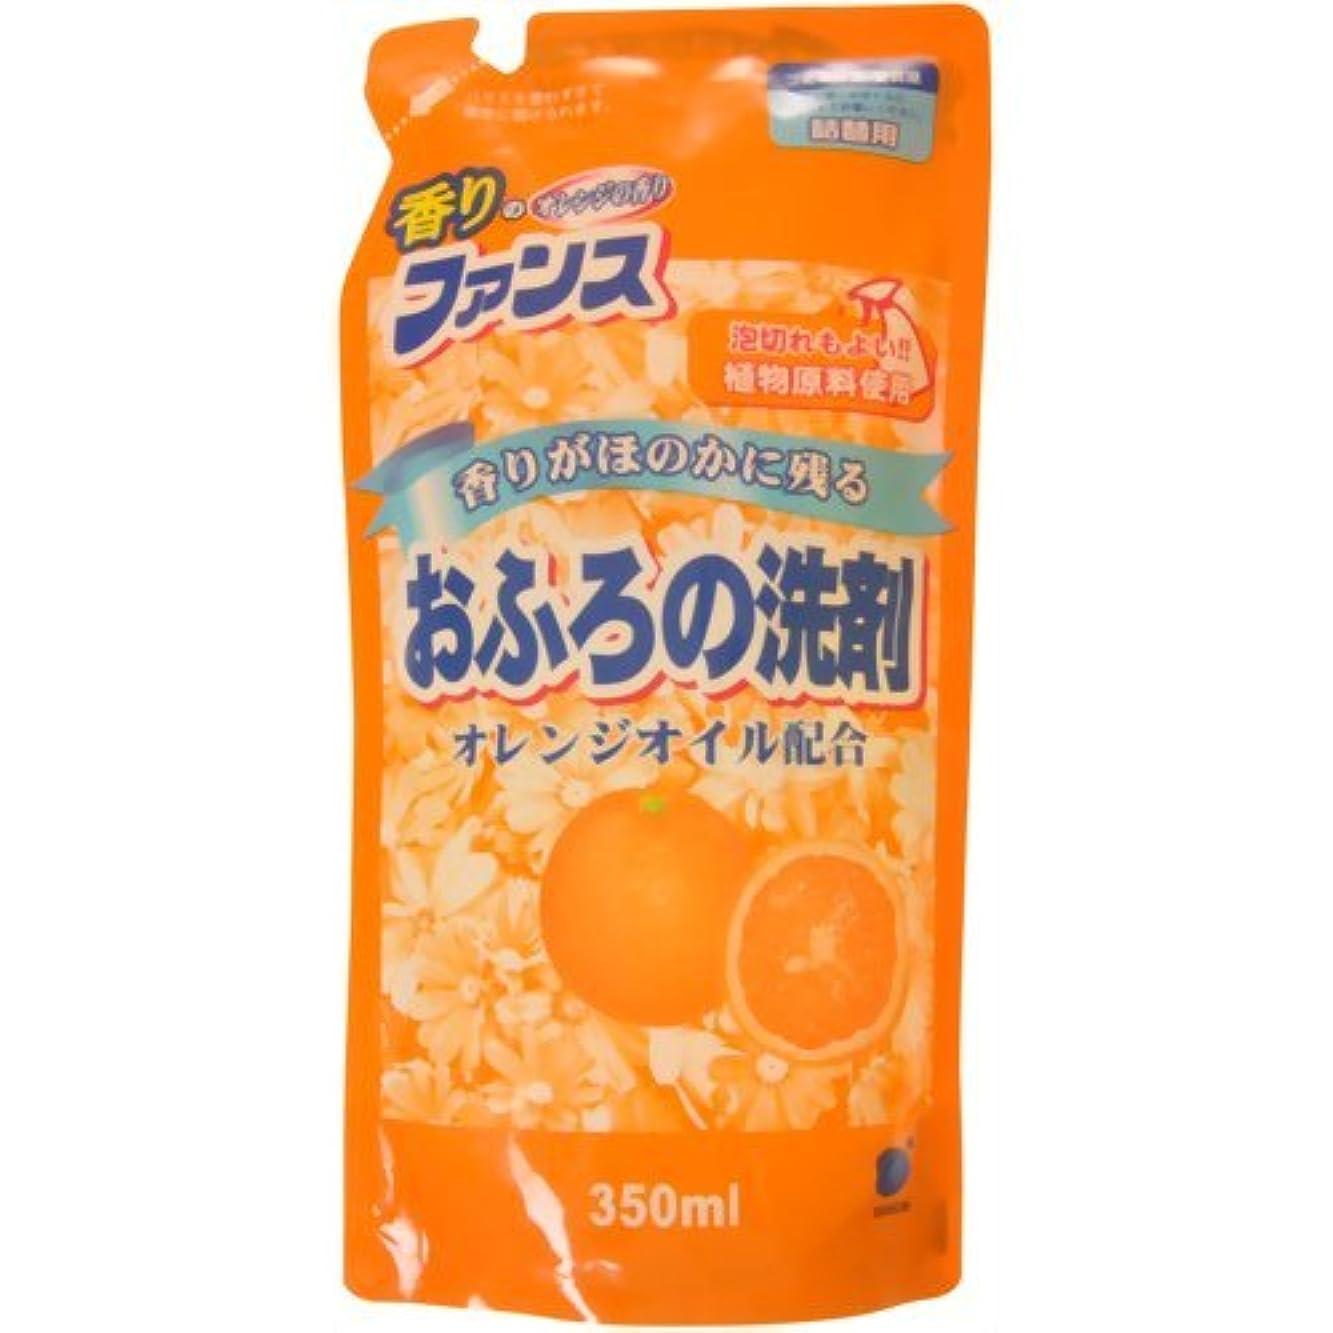 続編清める仮説香りのファンス おふろの洗剤 オレンジ つめかえ用 350ml